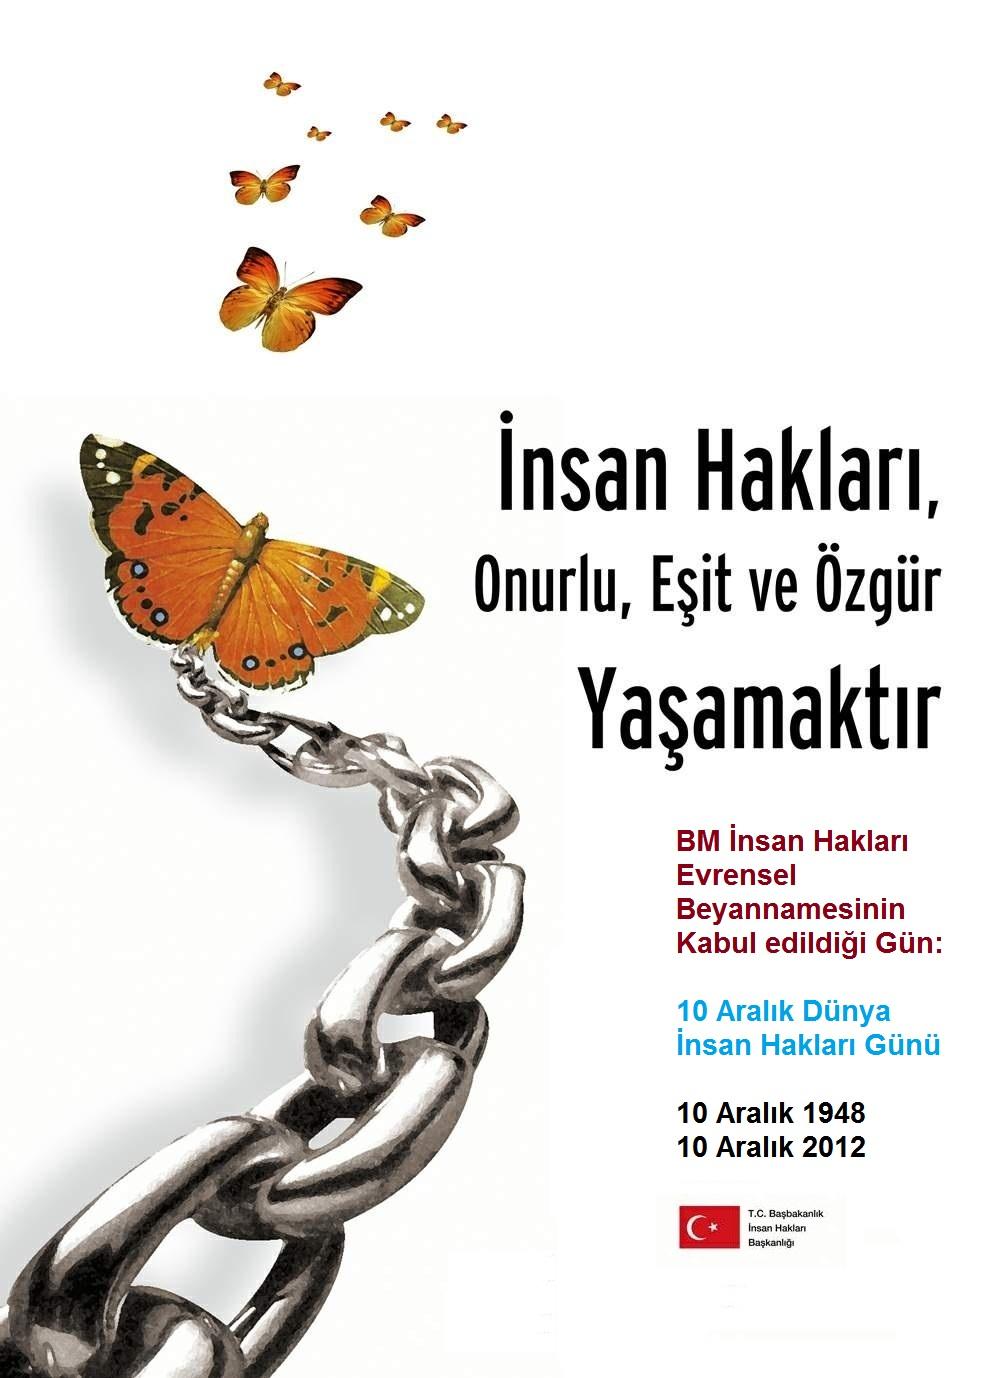 En Güzel İnsan Hakları Haftası Şiirleri